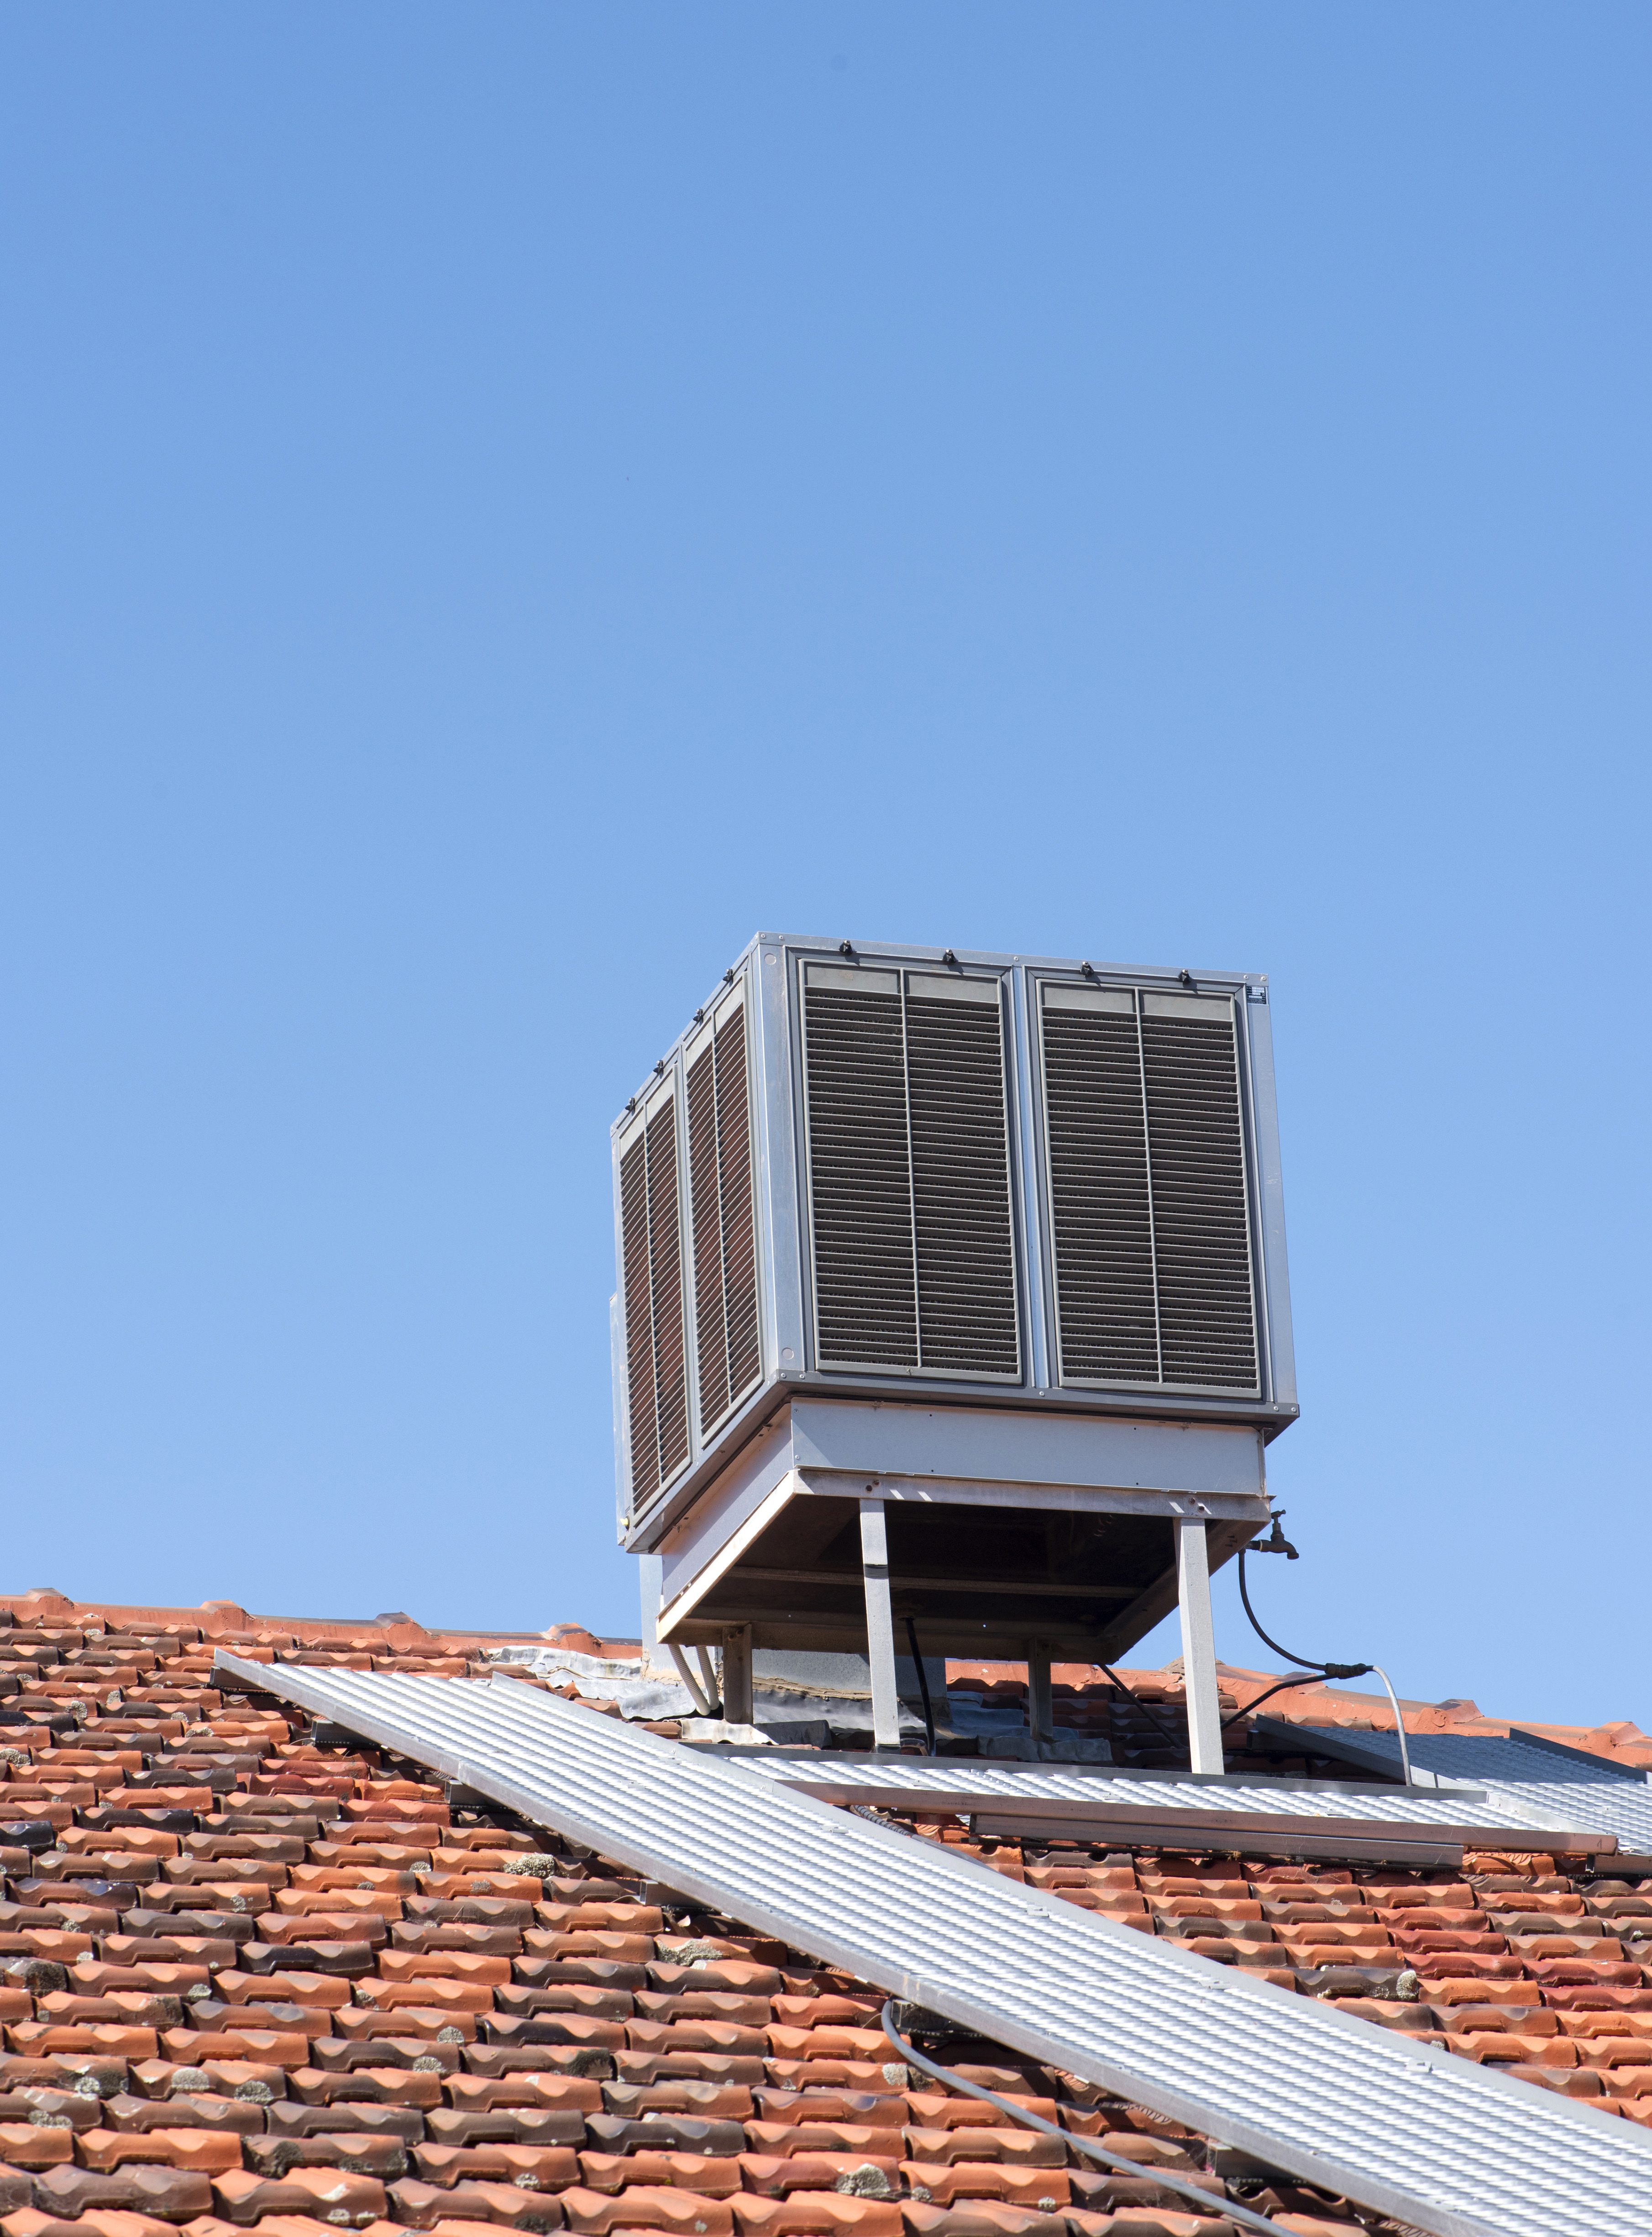 Evap cooling repair canberra